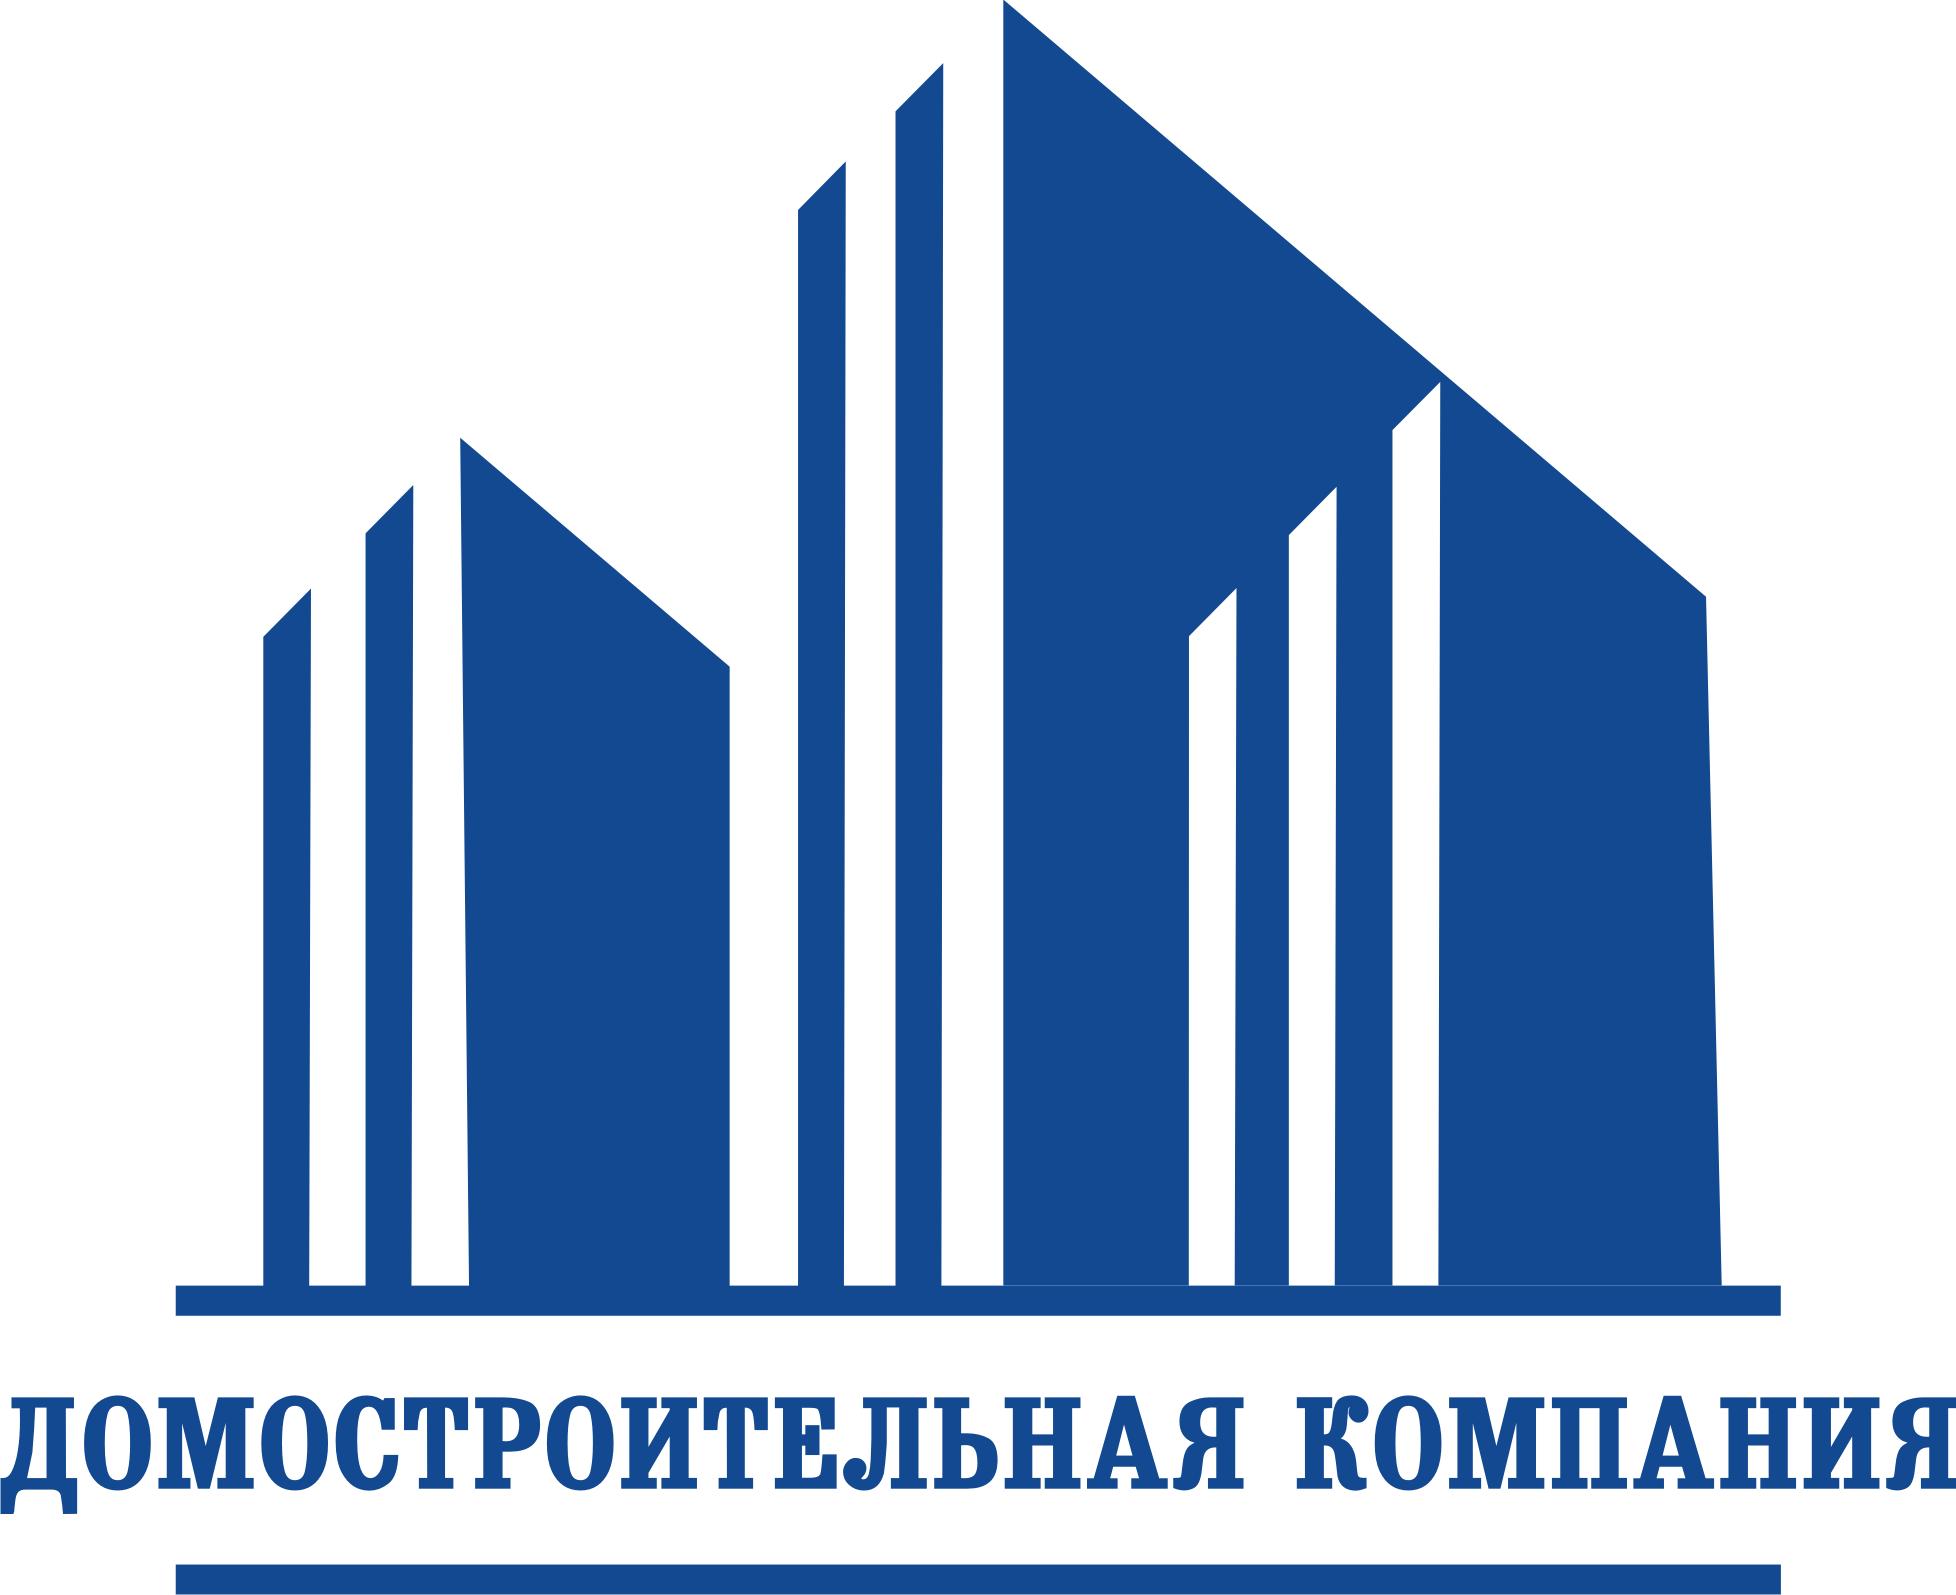 Домостроительная Компания